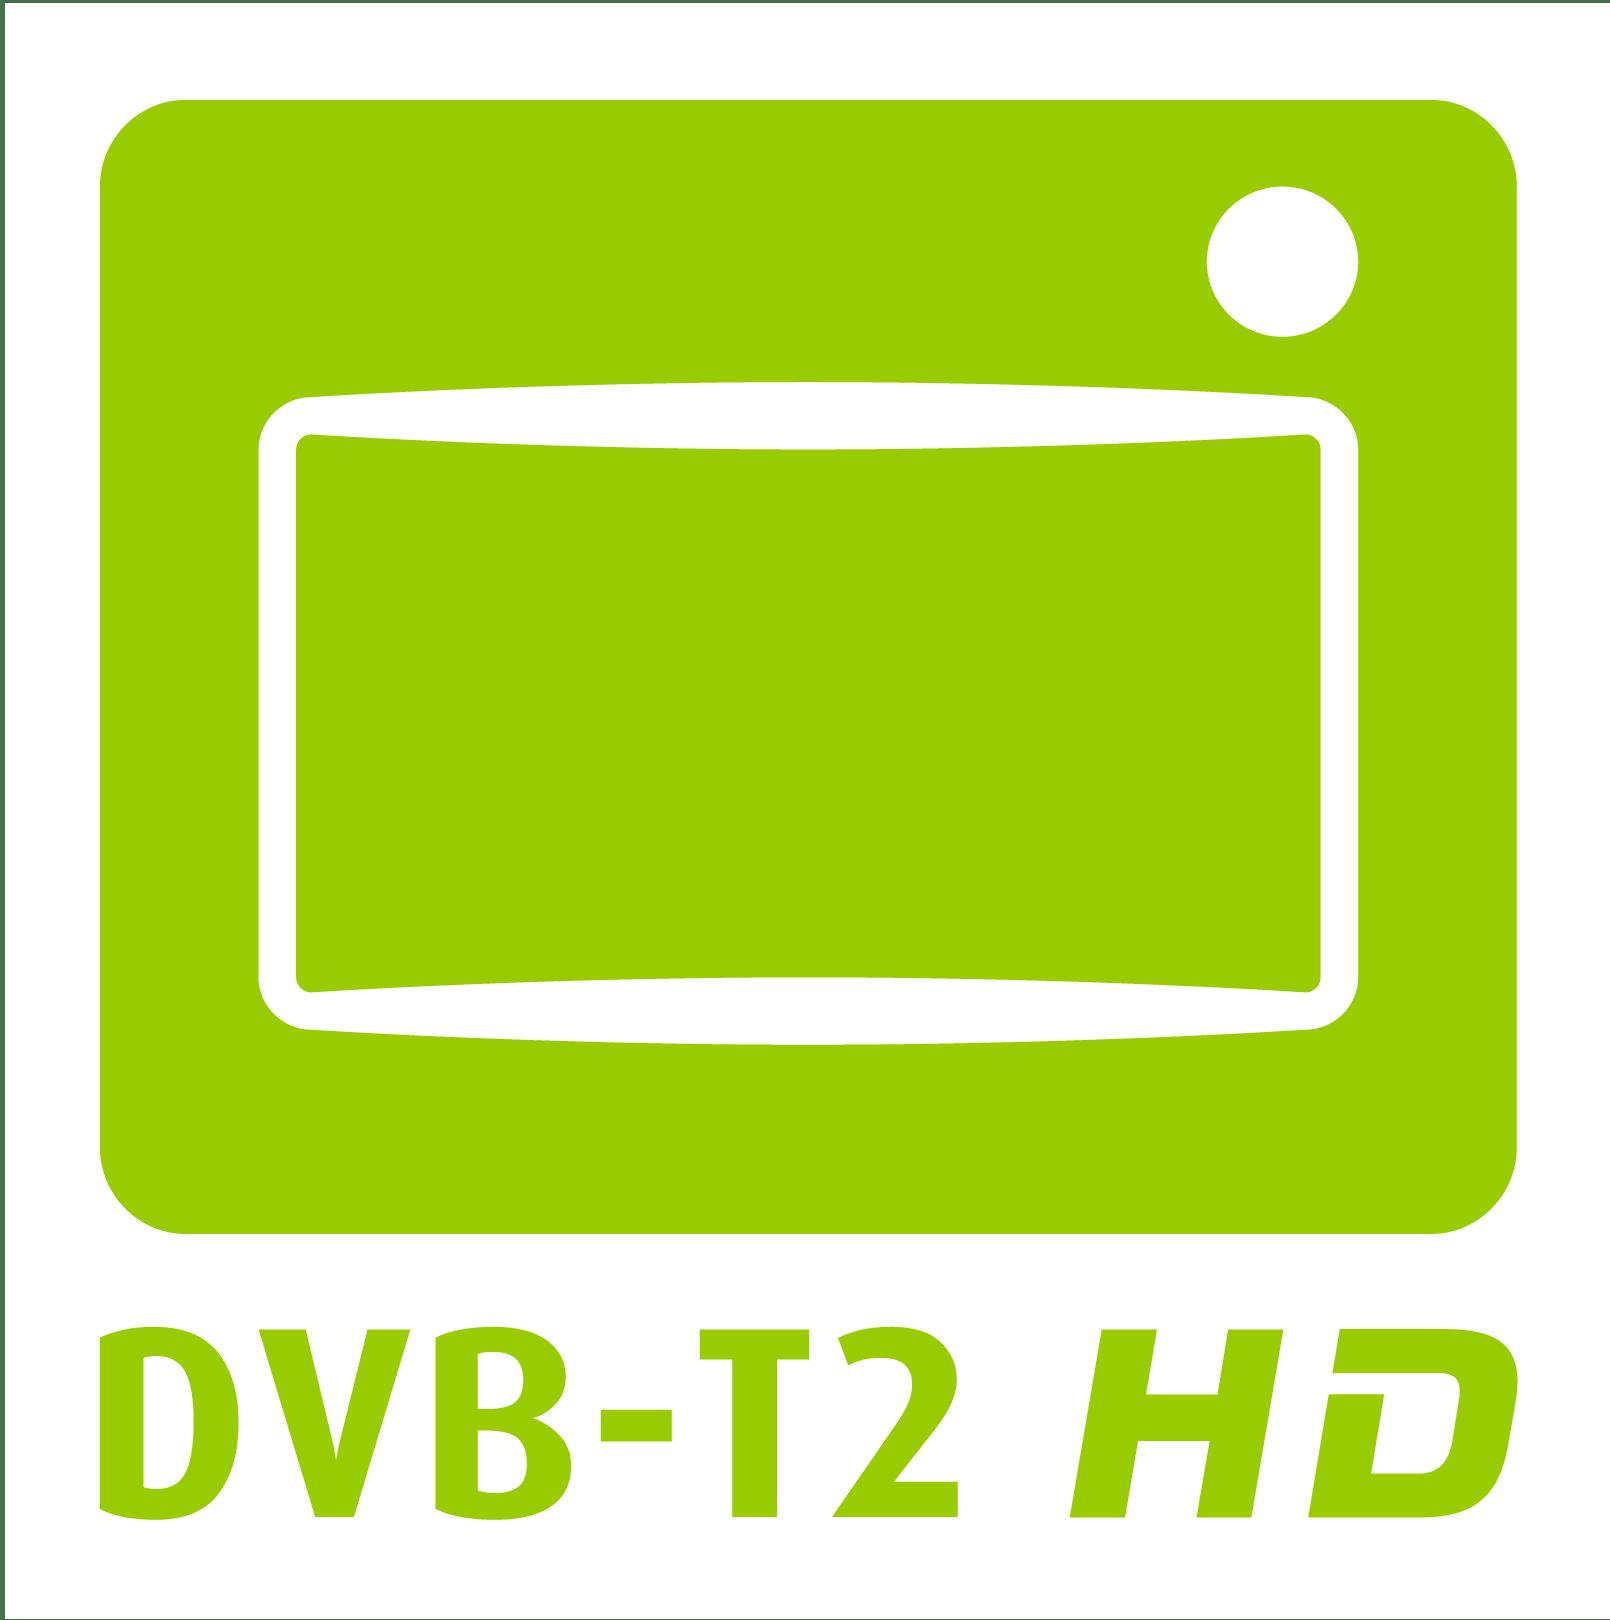 Il nuovo digitale terrestre DVB-T2: cos'è e come adeguarsi